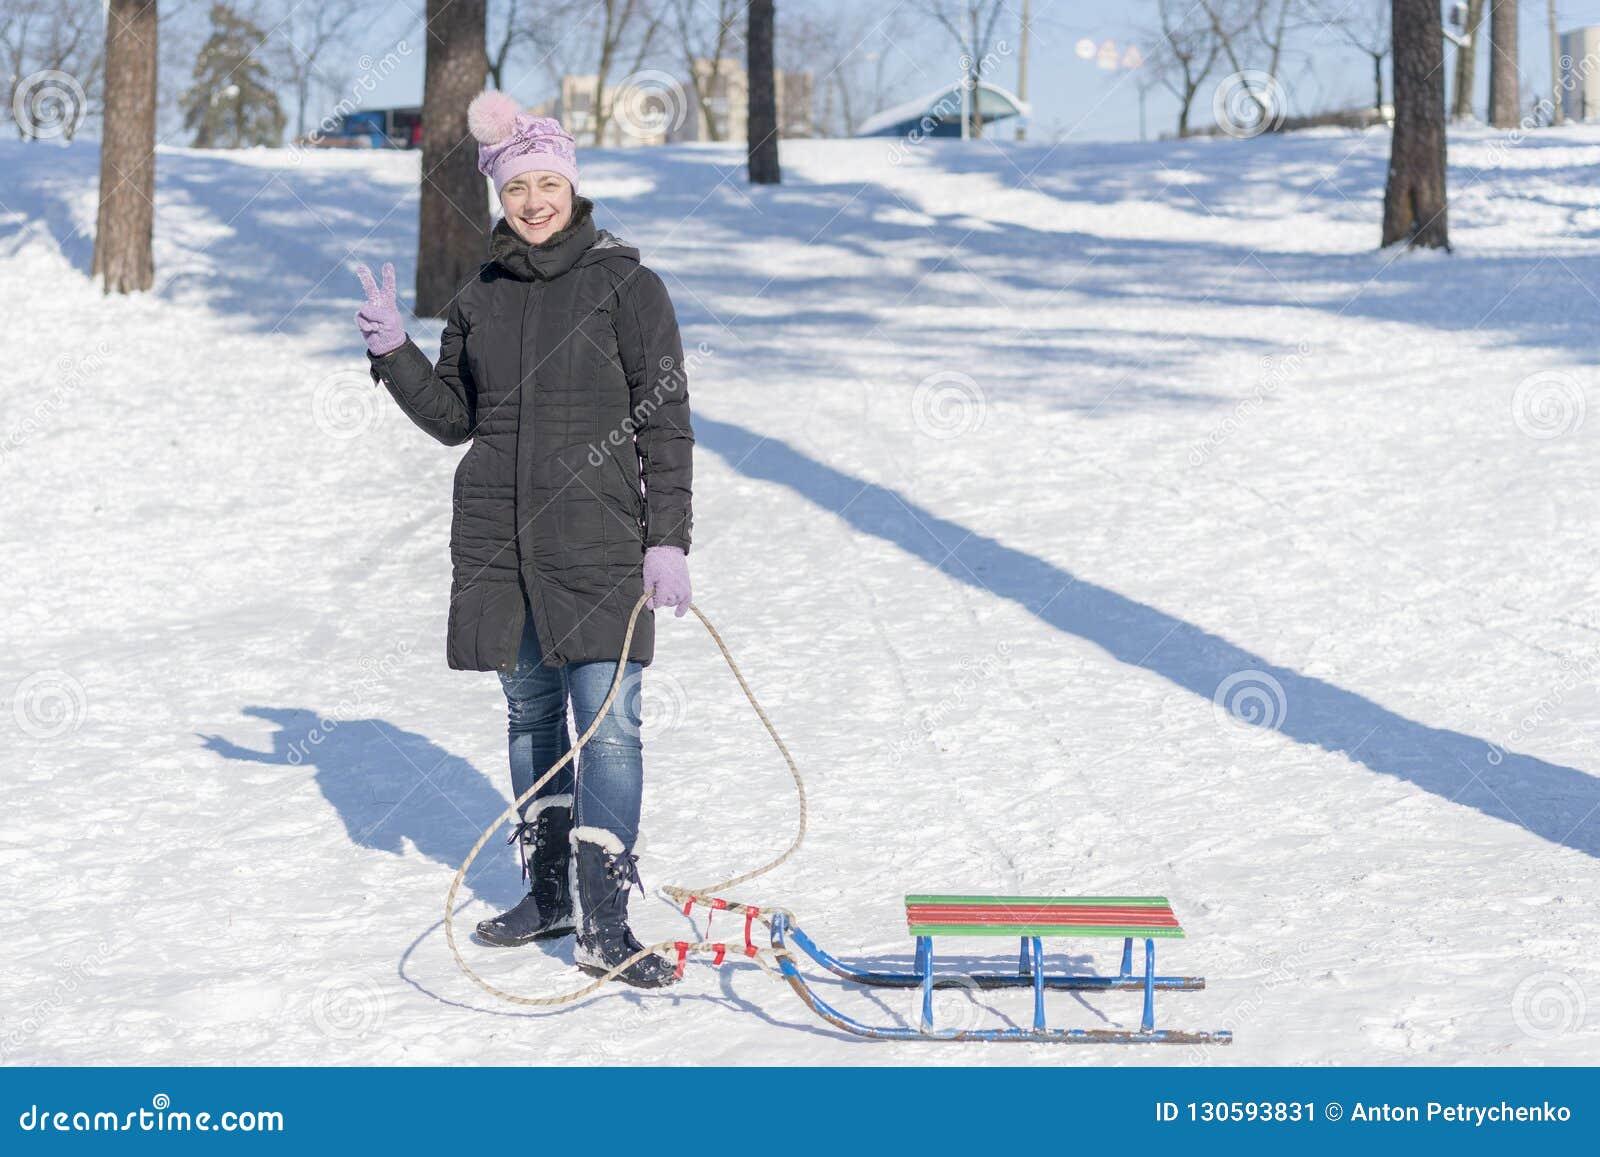 Eine Frau in einer schwarzen Winterjacke mit Schlitten in einem schneebedeckten Park oder in einem Wald